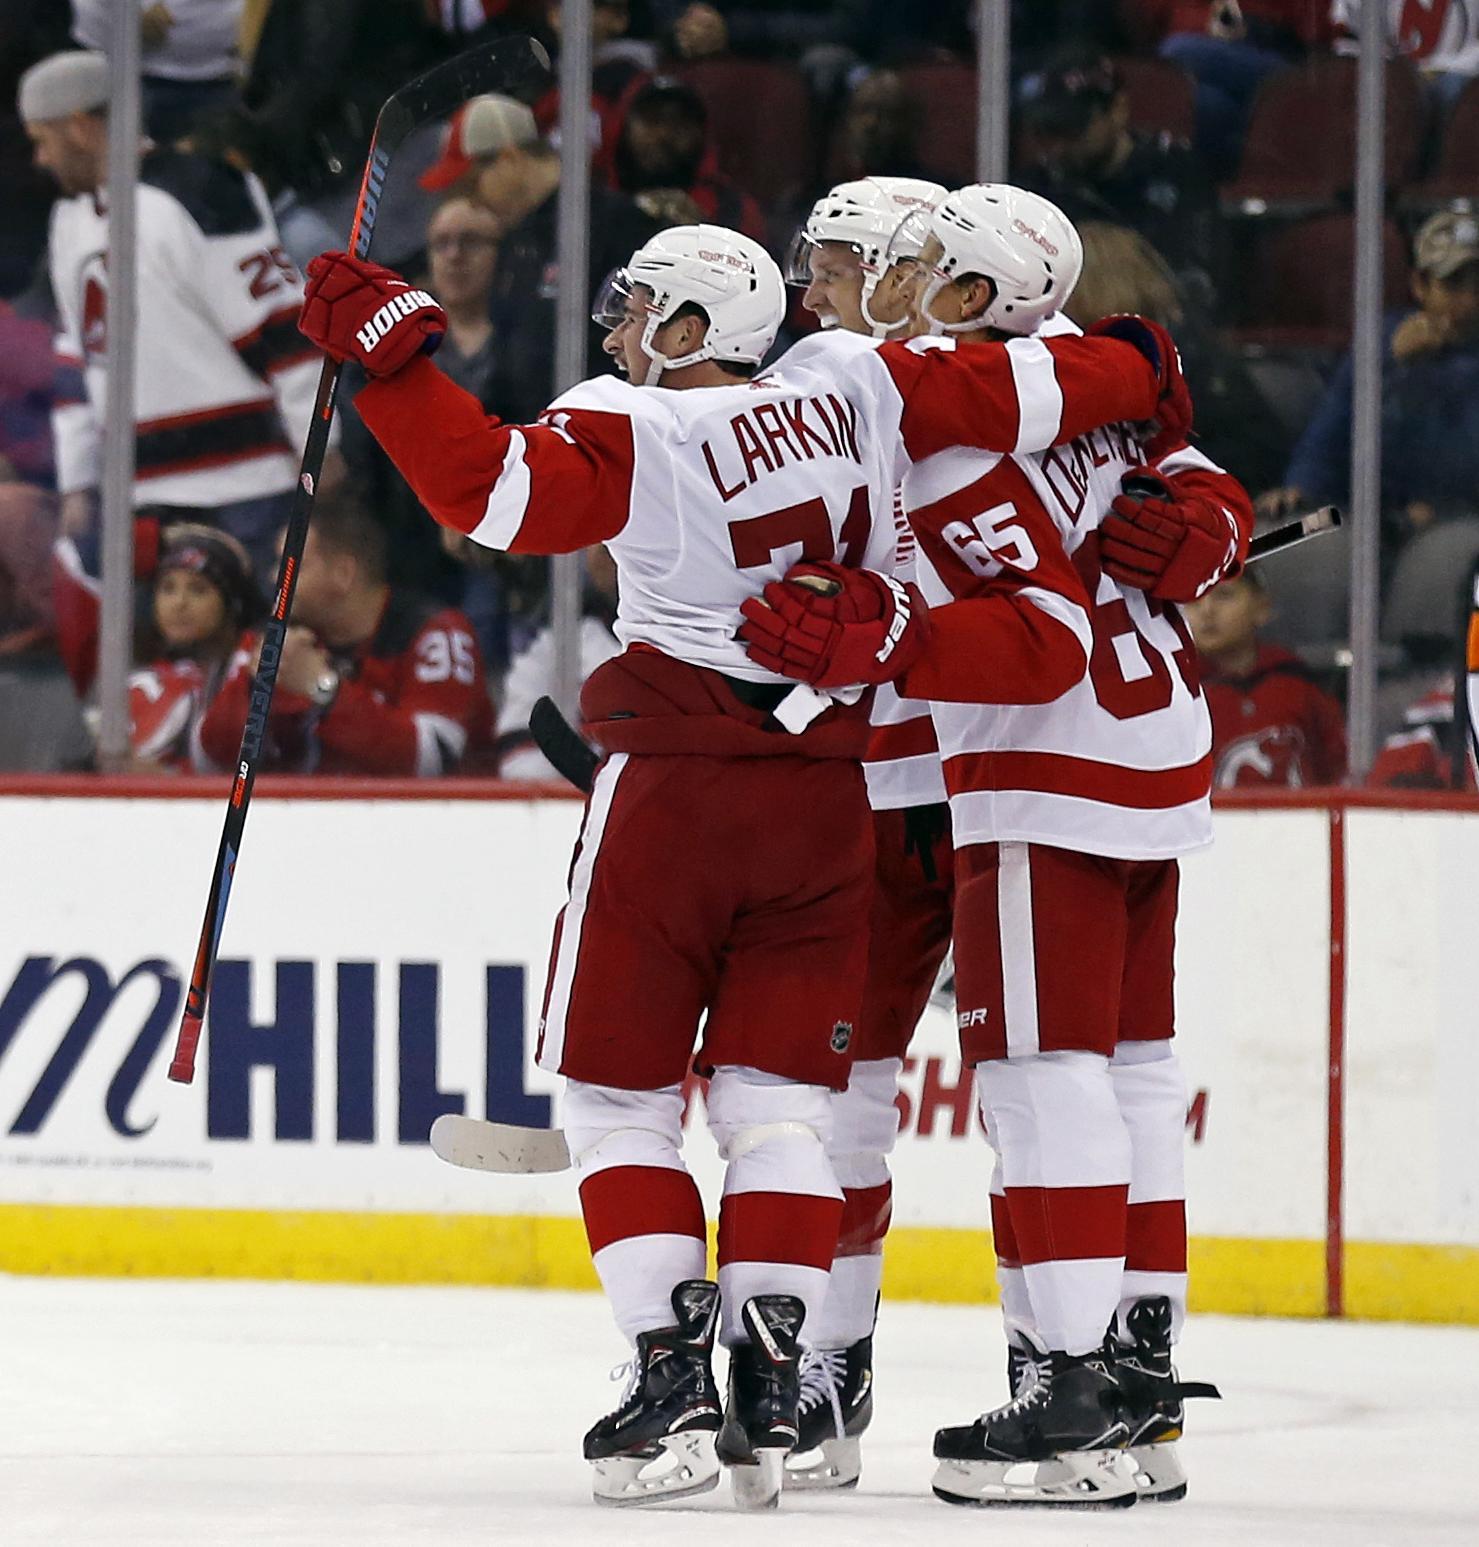 9d173537019 Dylan Larkin scores in OT as Red Wings beat Devils 3-2 - Washington Times